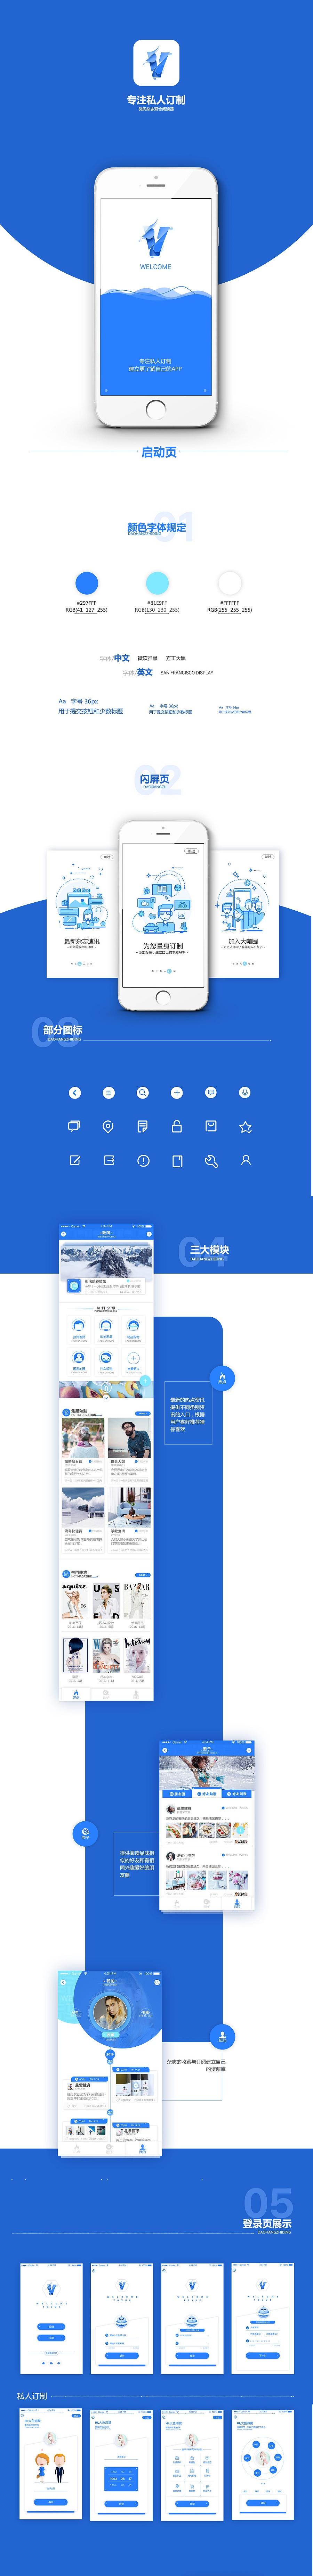 酷阅中文网_掌阅|UI|APP界面|xiaoyugg - 原创作品 - 站酷 (ZCOOL)